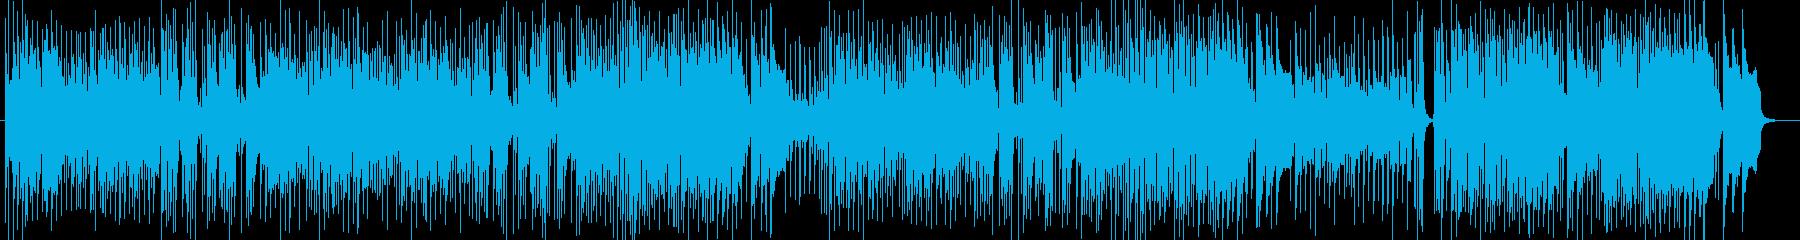 明るいBGM向けインストゥルメンタルの再生済みの波形